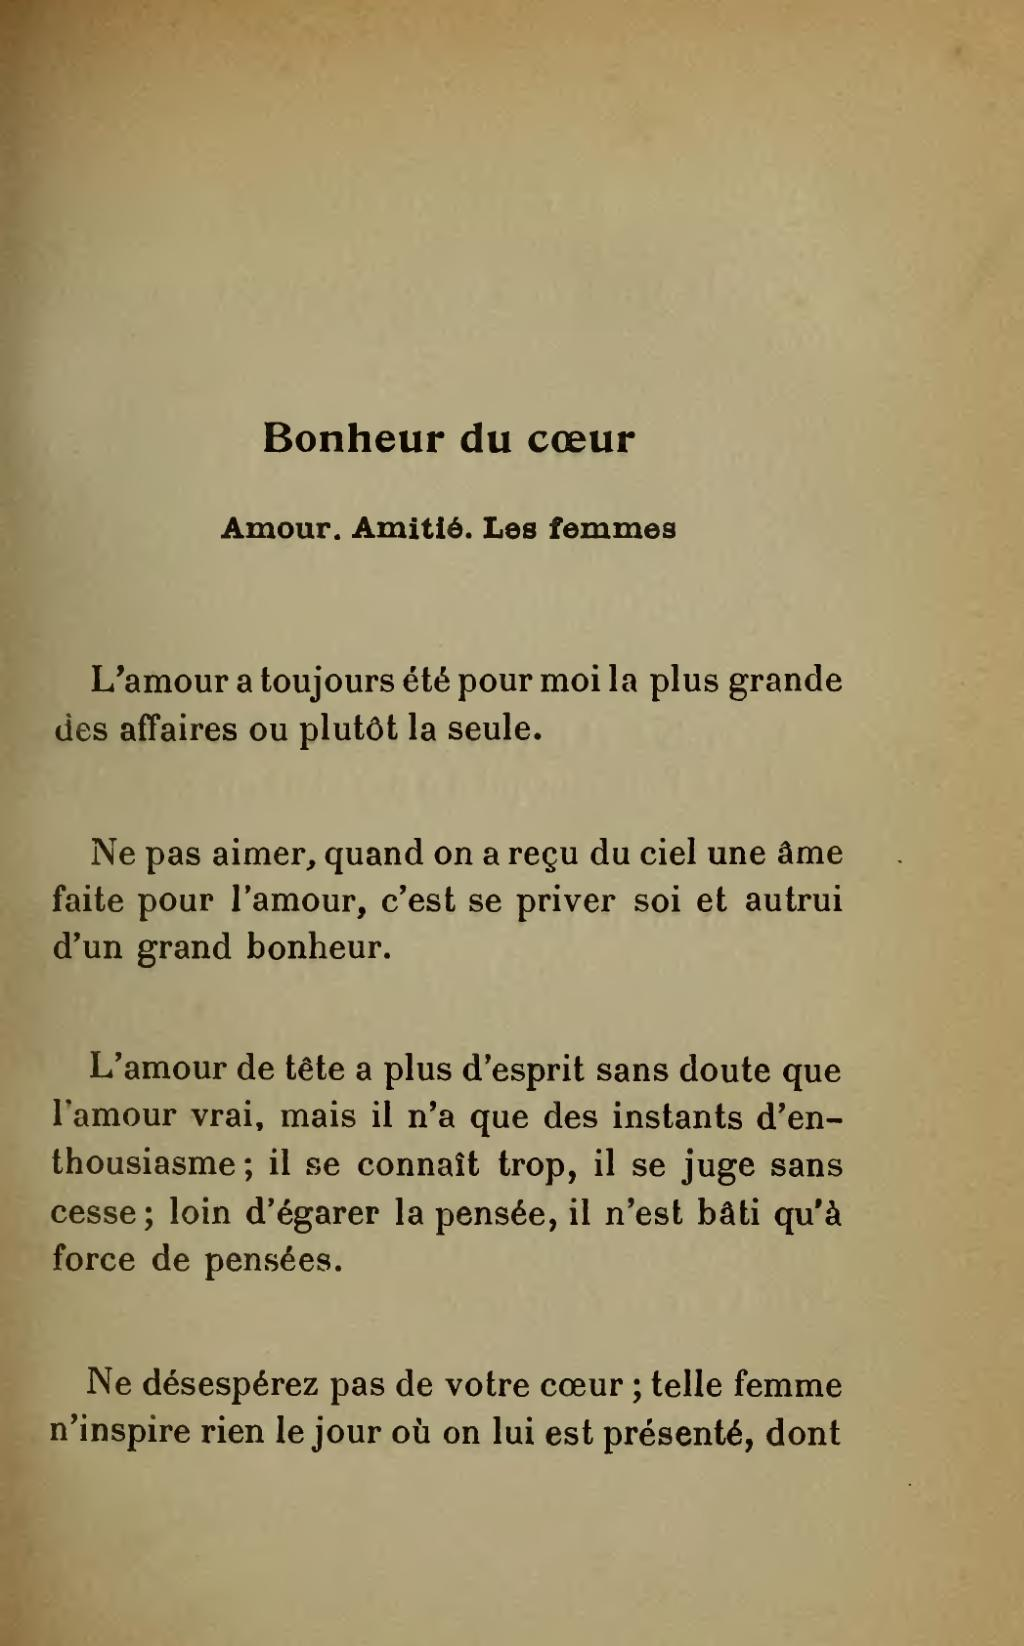 Qu Est Ce Que L Amour Vrai : amour, Page:Stendhal, Chasse, Bonheur,, 1912,, Séché.djvu/71, Wikisource